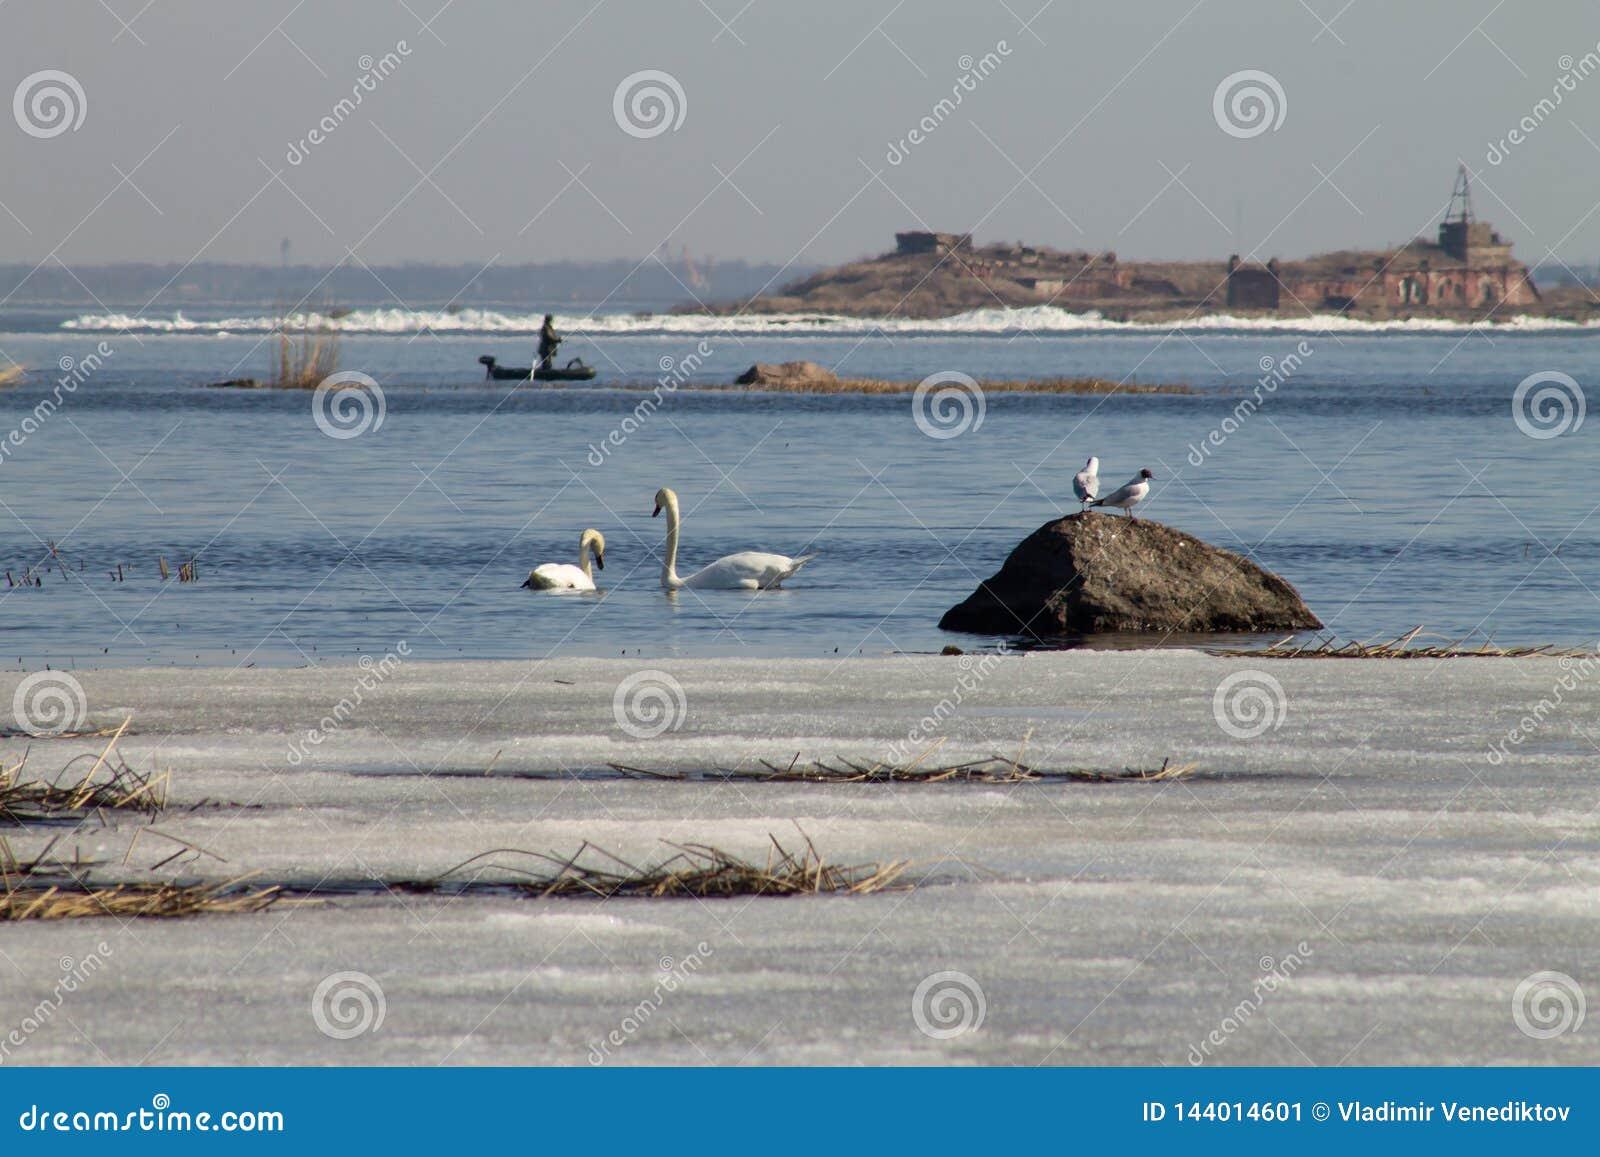 Het mooie paar van witte zwanen zwemt in het meer, dat gedeeltelijk met ijs op een zonnige dag in de lente wordt behandeld